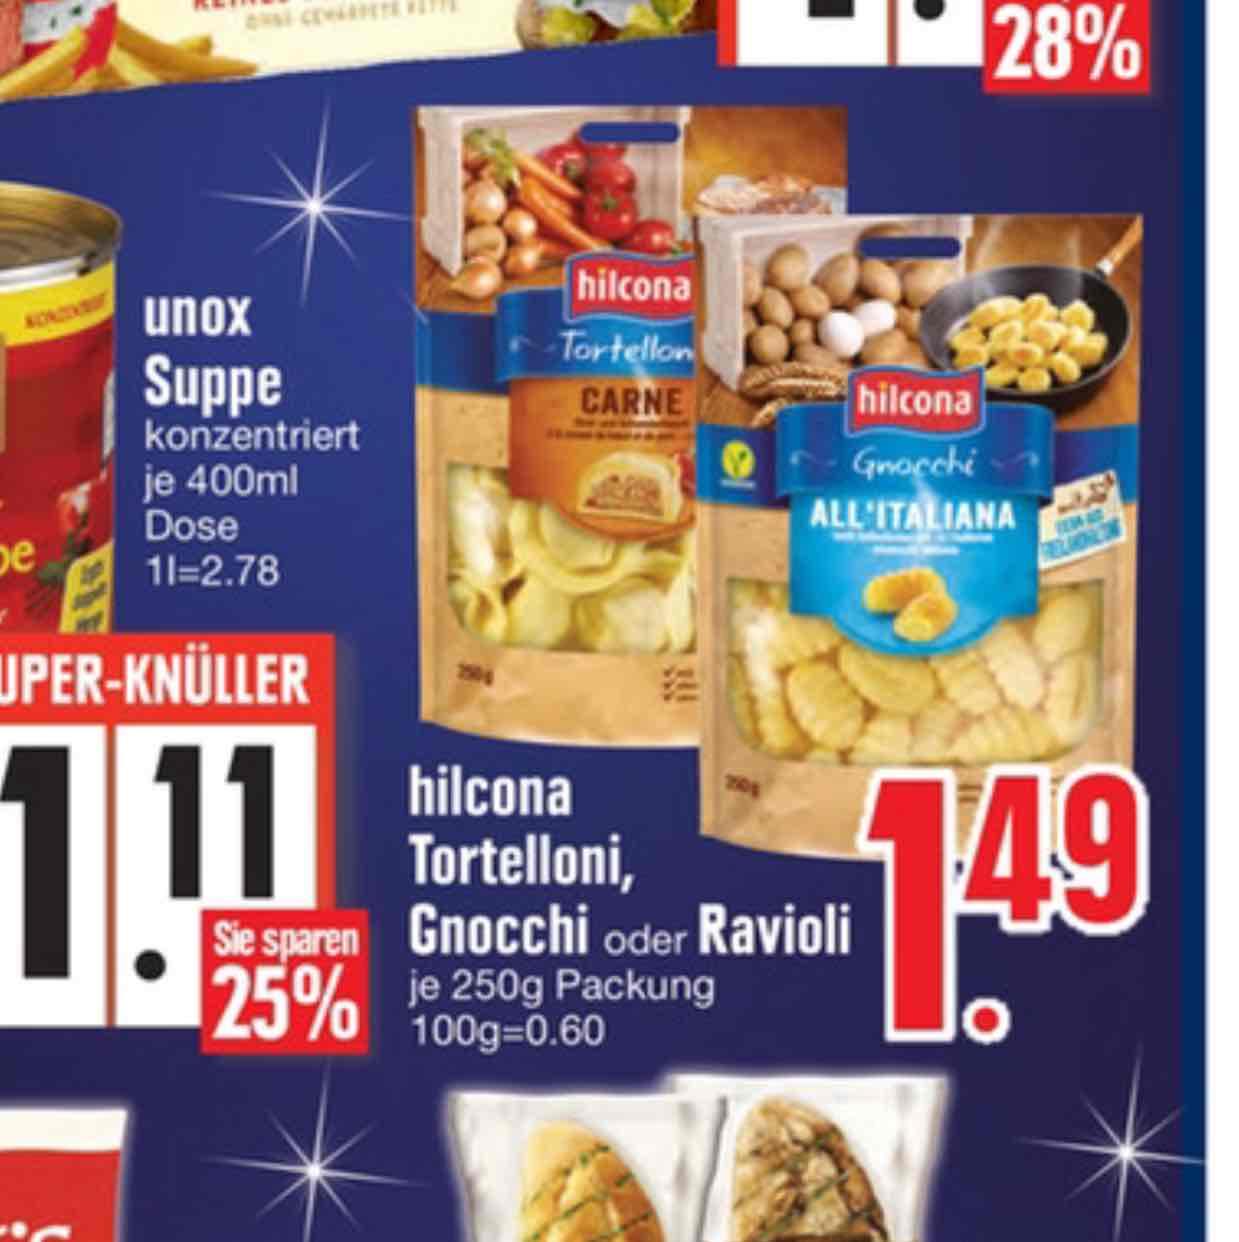 [Edeka Südbayern] Hilcona Pasta für 0,49€ (Angebot und Scondoo)